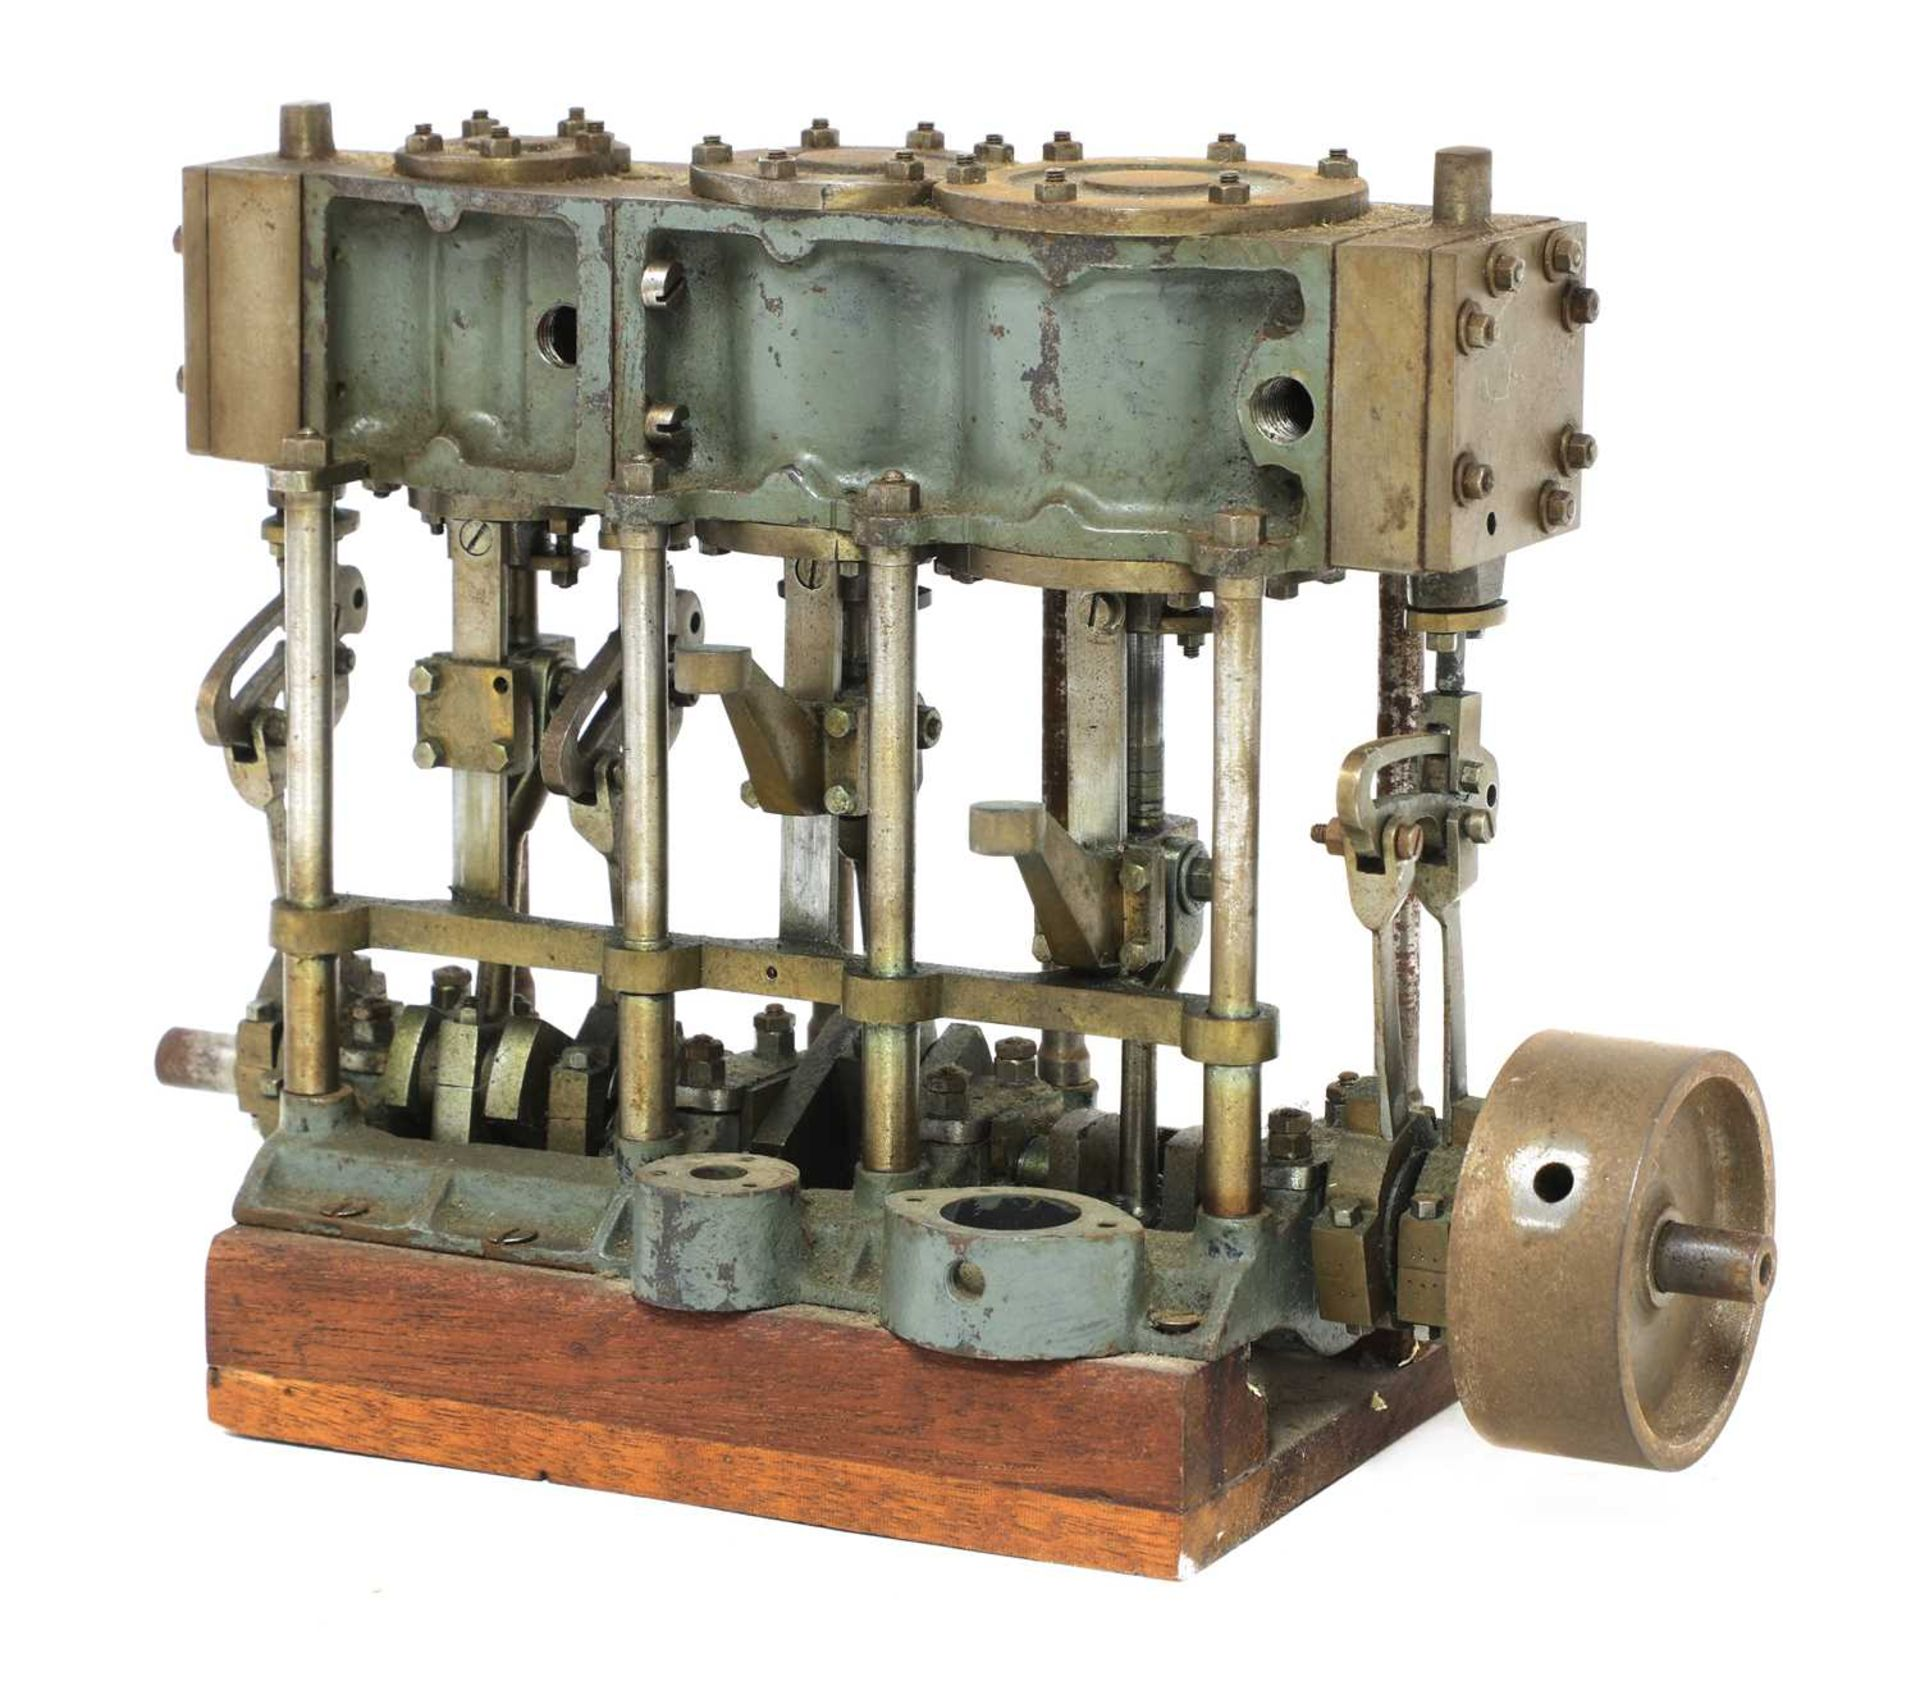 A model of a Stuart Turner triple expansion engine, - Image 3 of 3